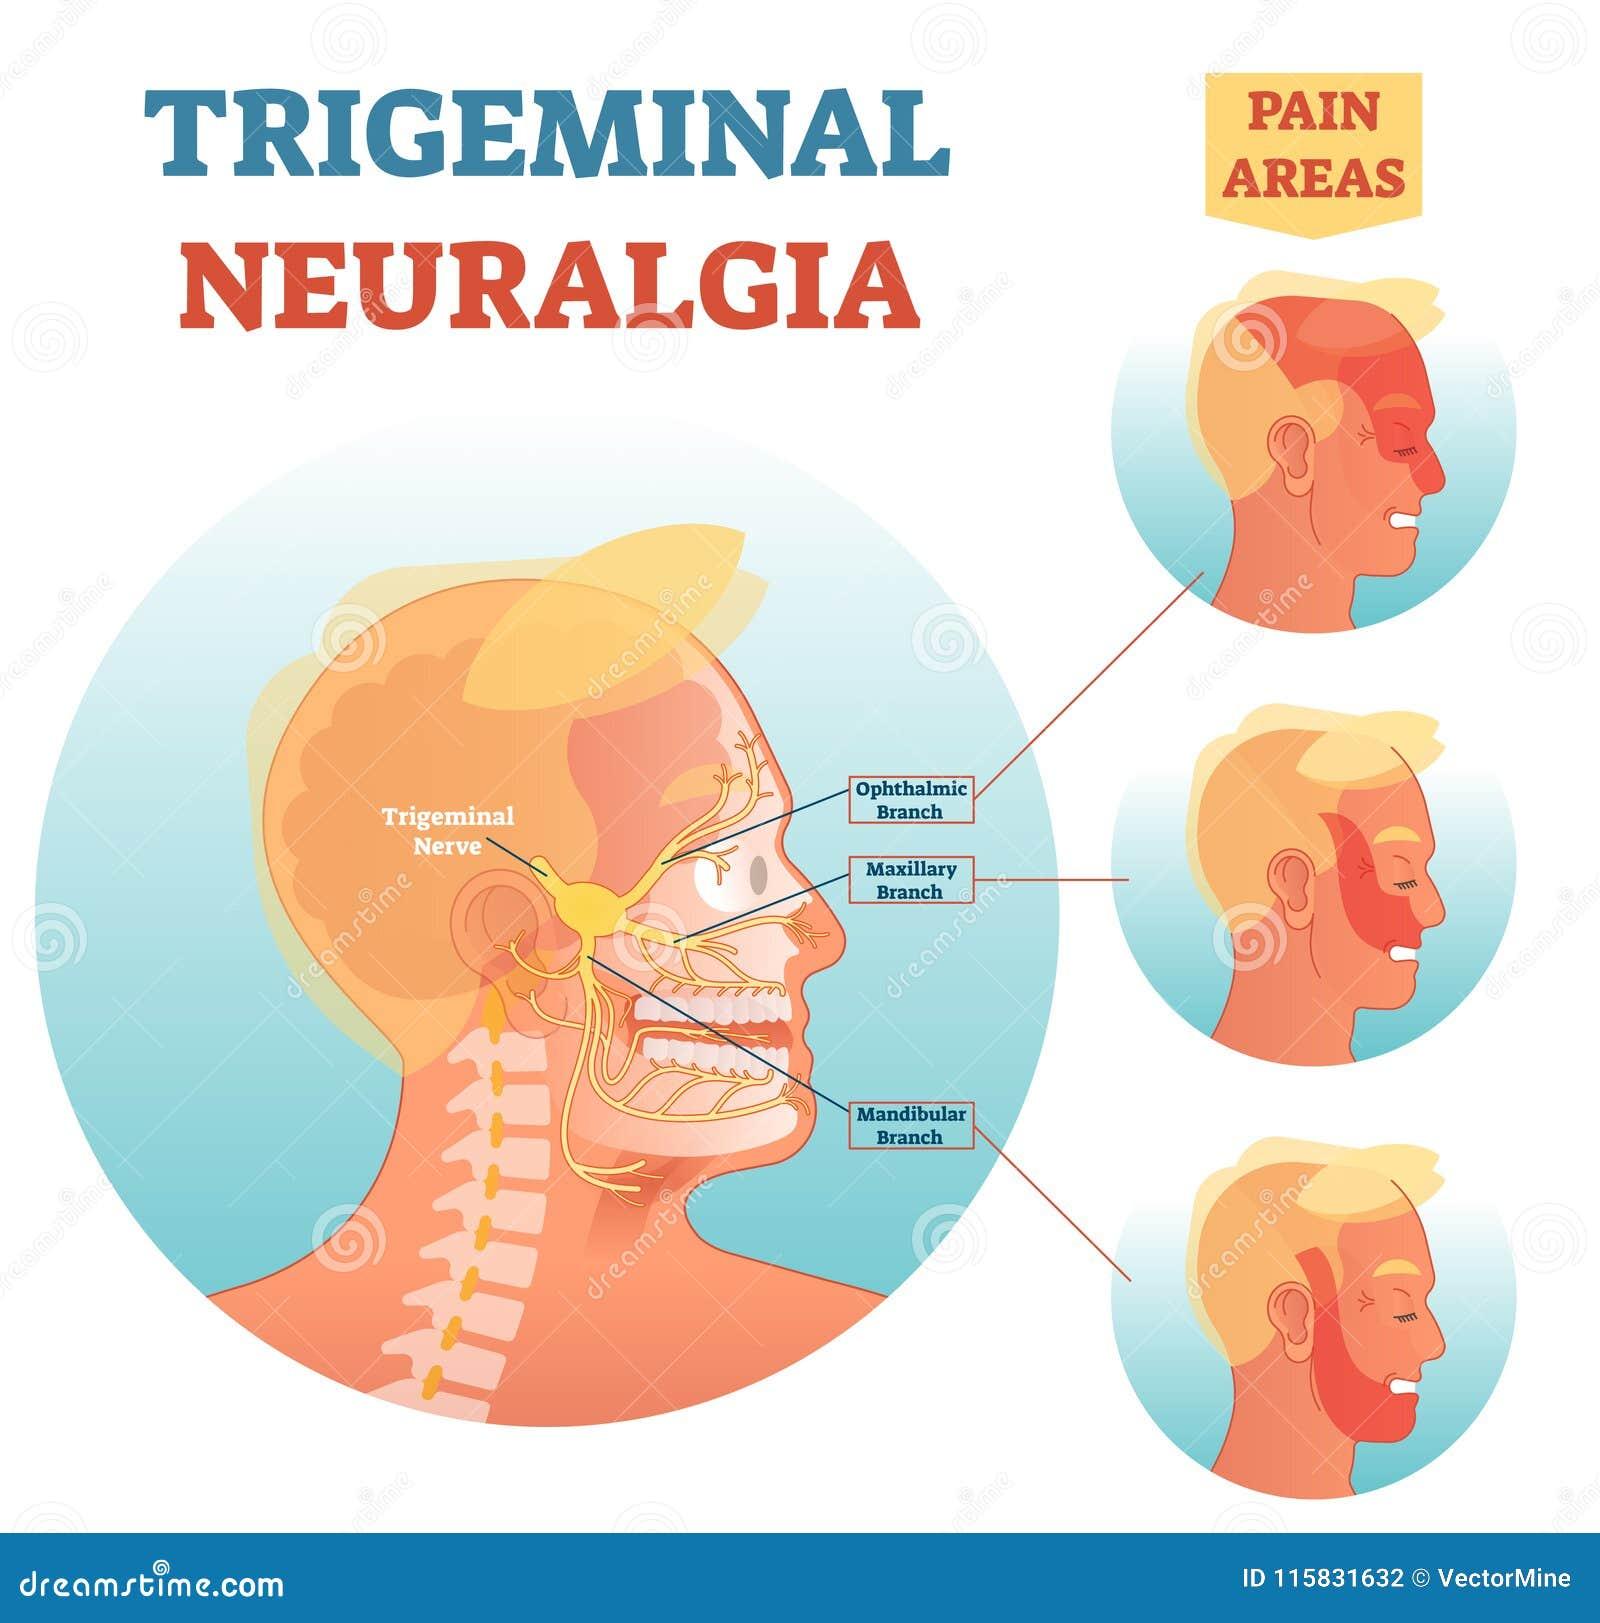 Trigeminal nerwoból przekroju poprzecznego medycznej anatomii wektorowy ilustracyjny diagram z twarzową neural siecią i bólowymi